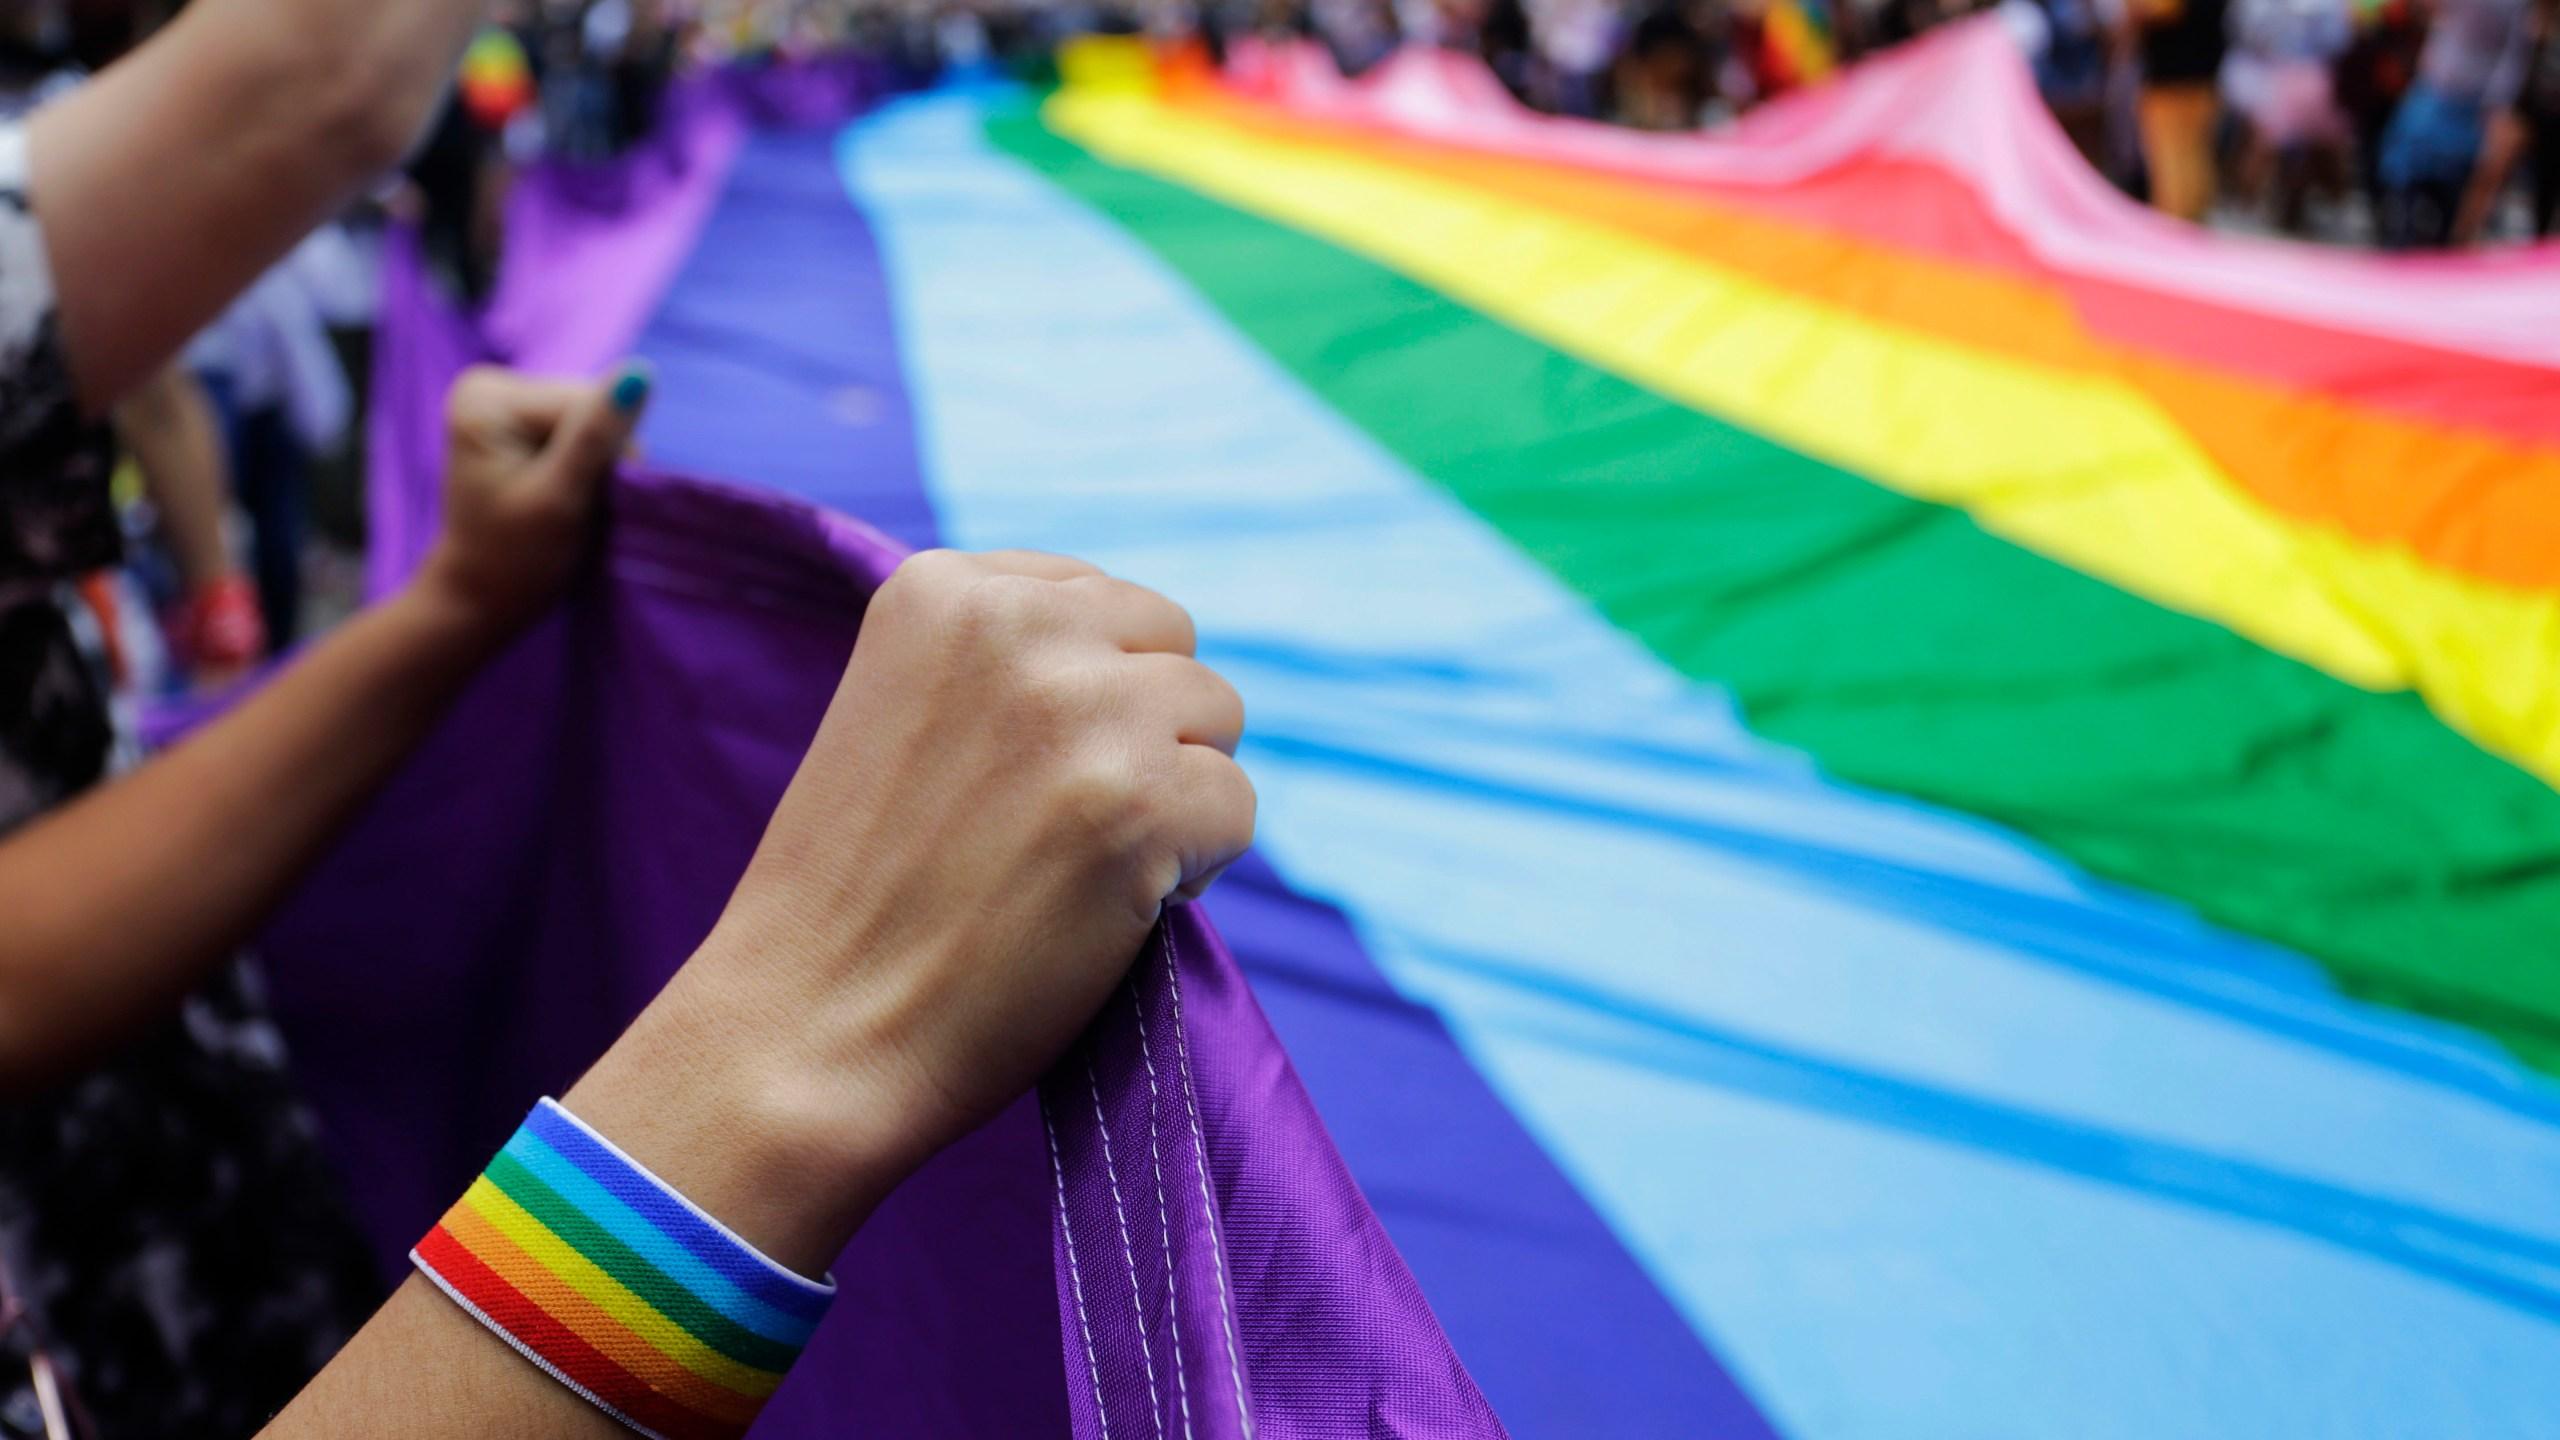 APTOPIX_Brazil_Gay_Pride_Parade_07548-159532.jpg22110426